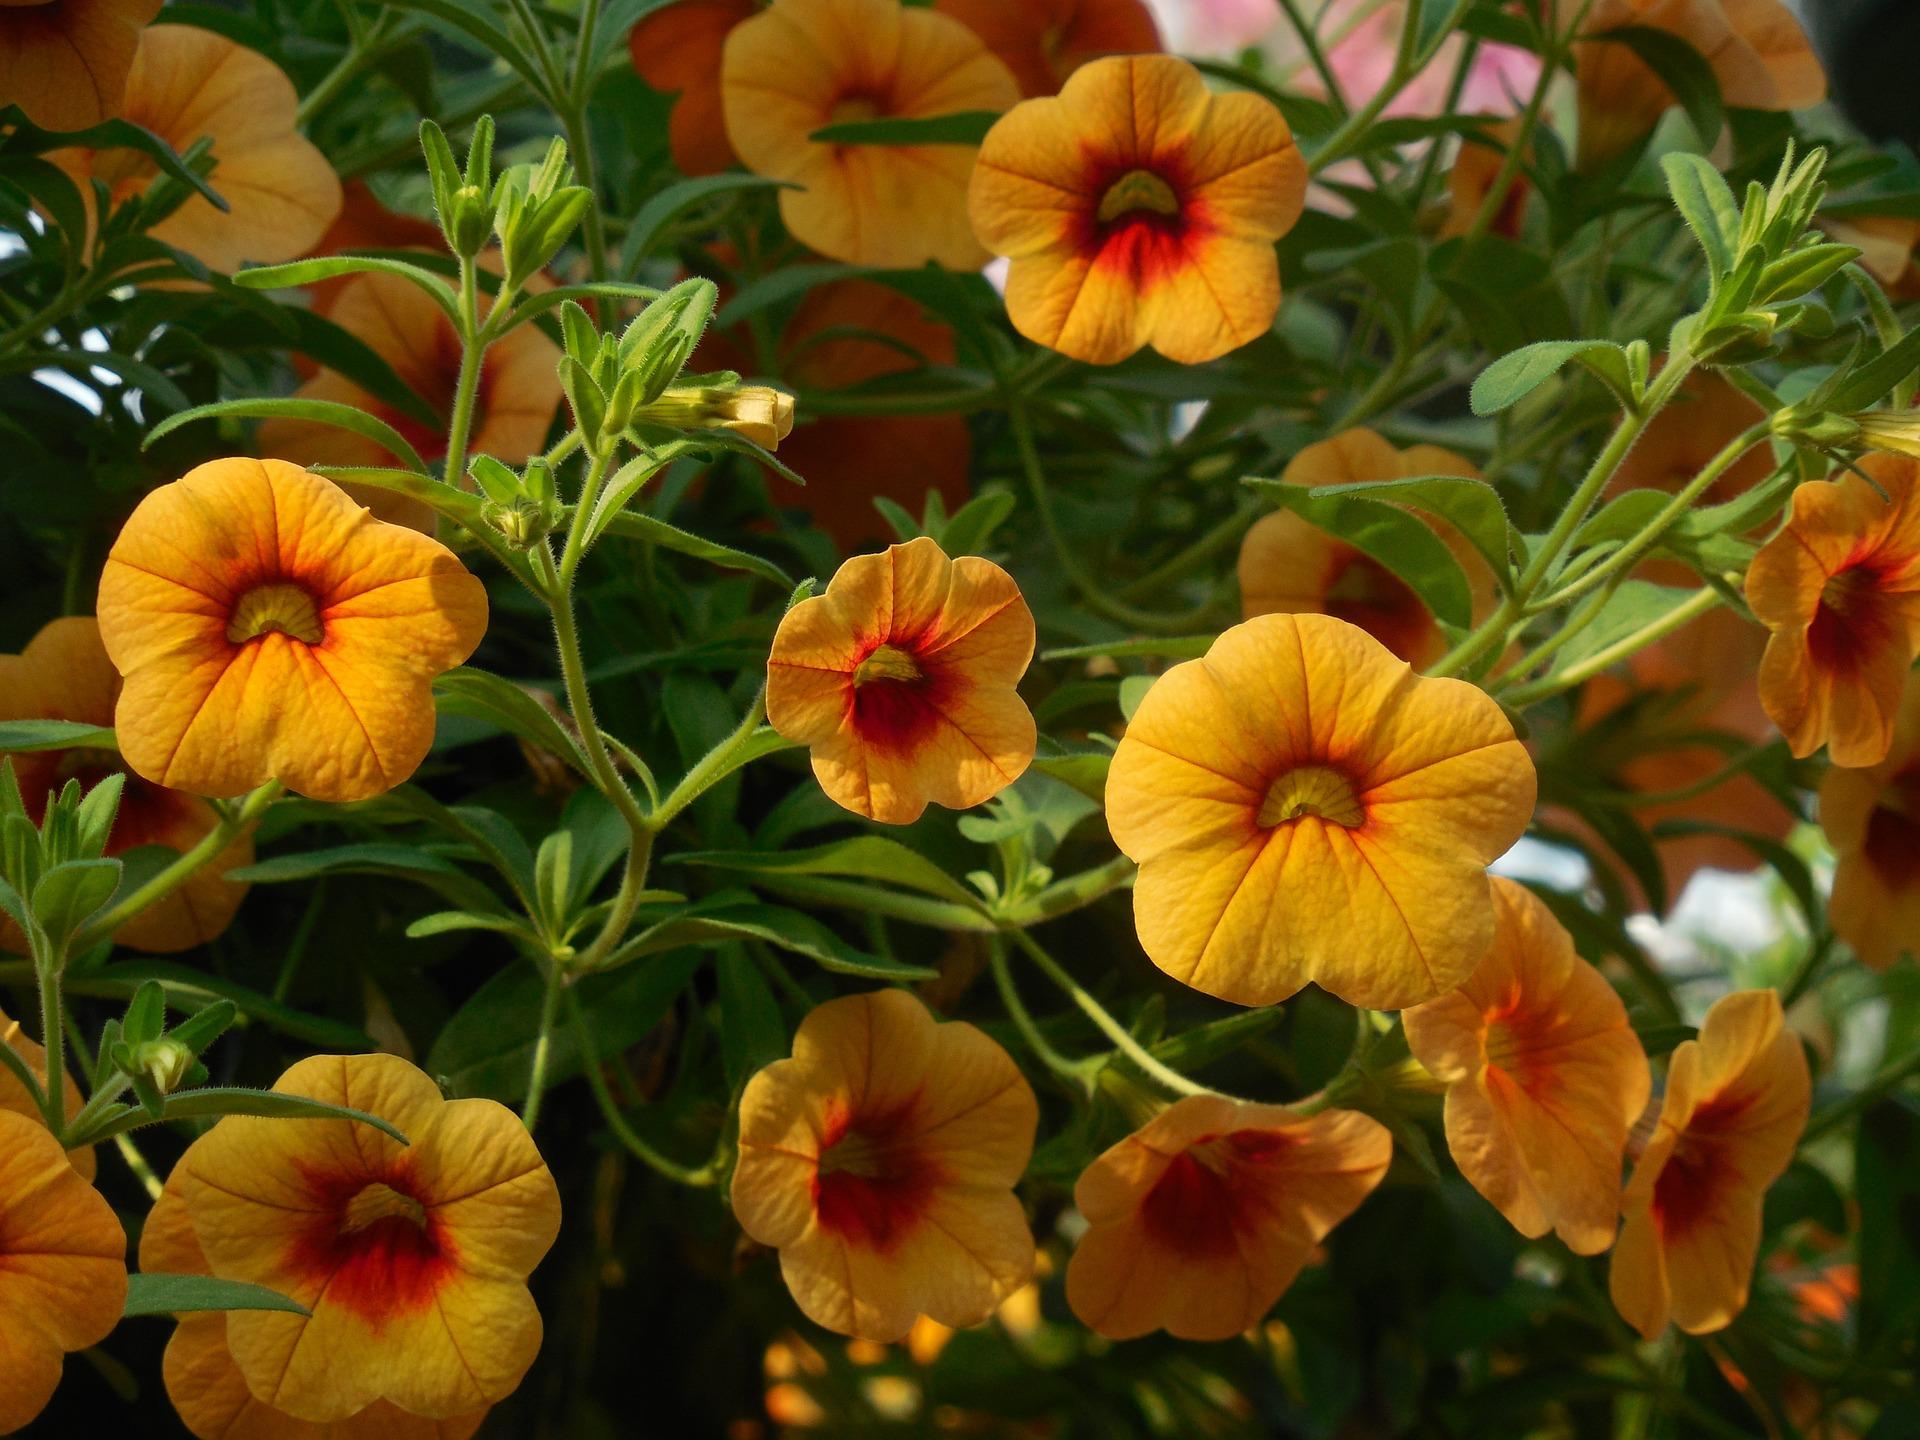 flowers-732783_1920.jpg